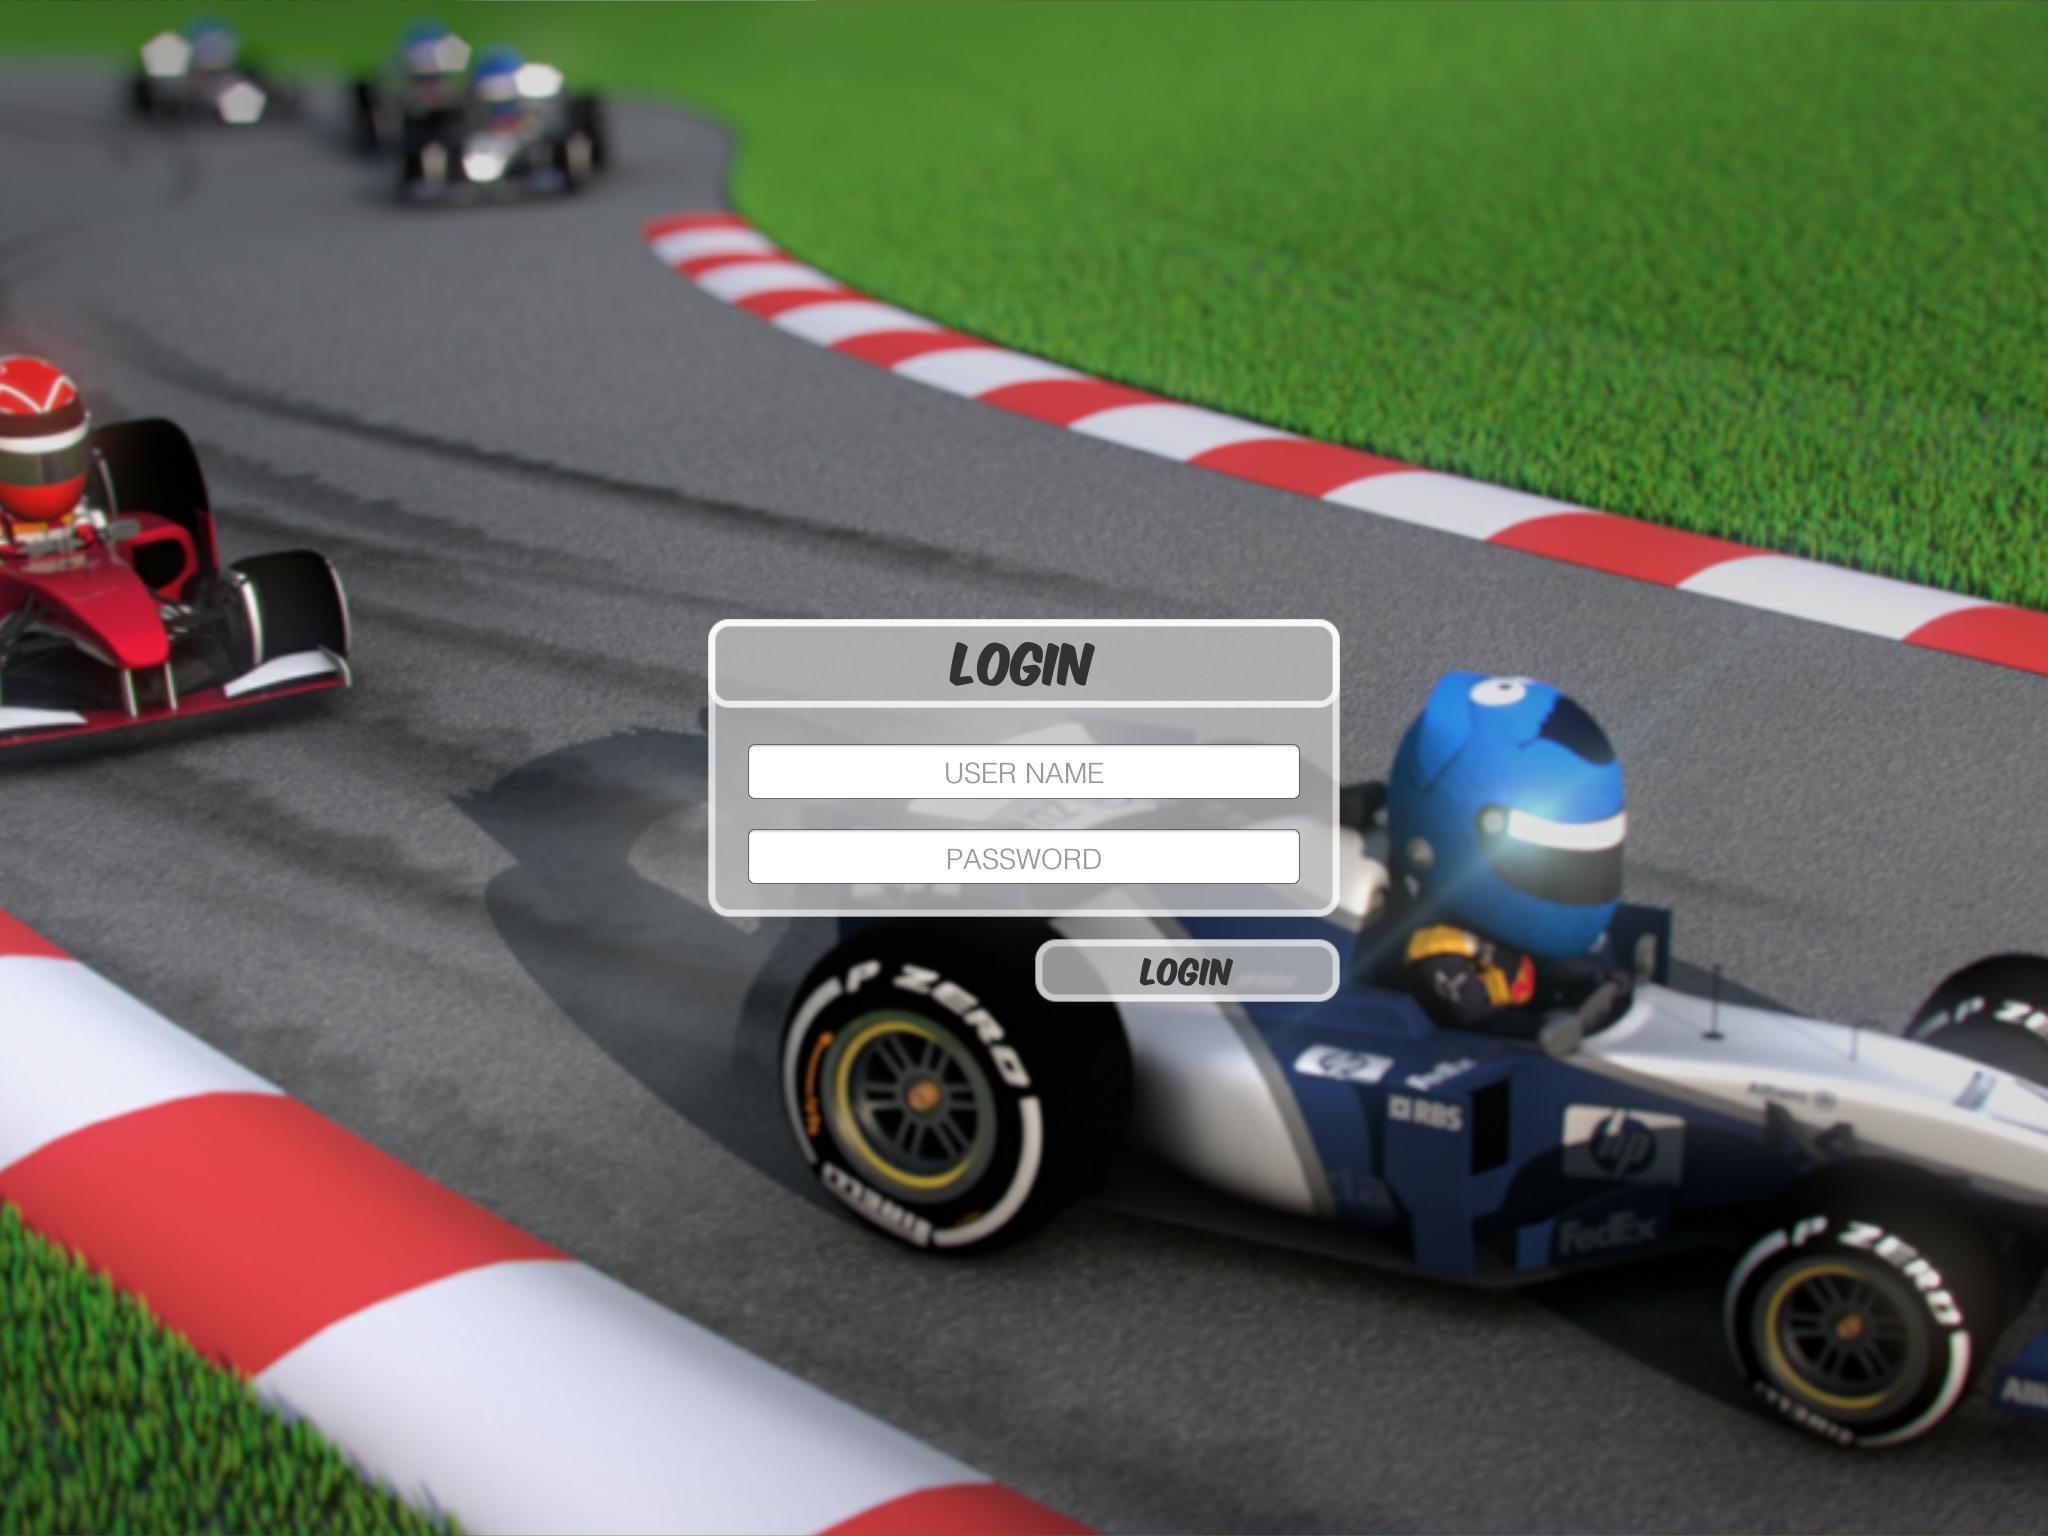 App Ponte a Prueba Race Inneva Pharma gamificación